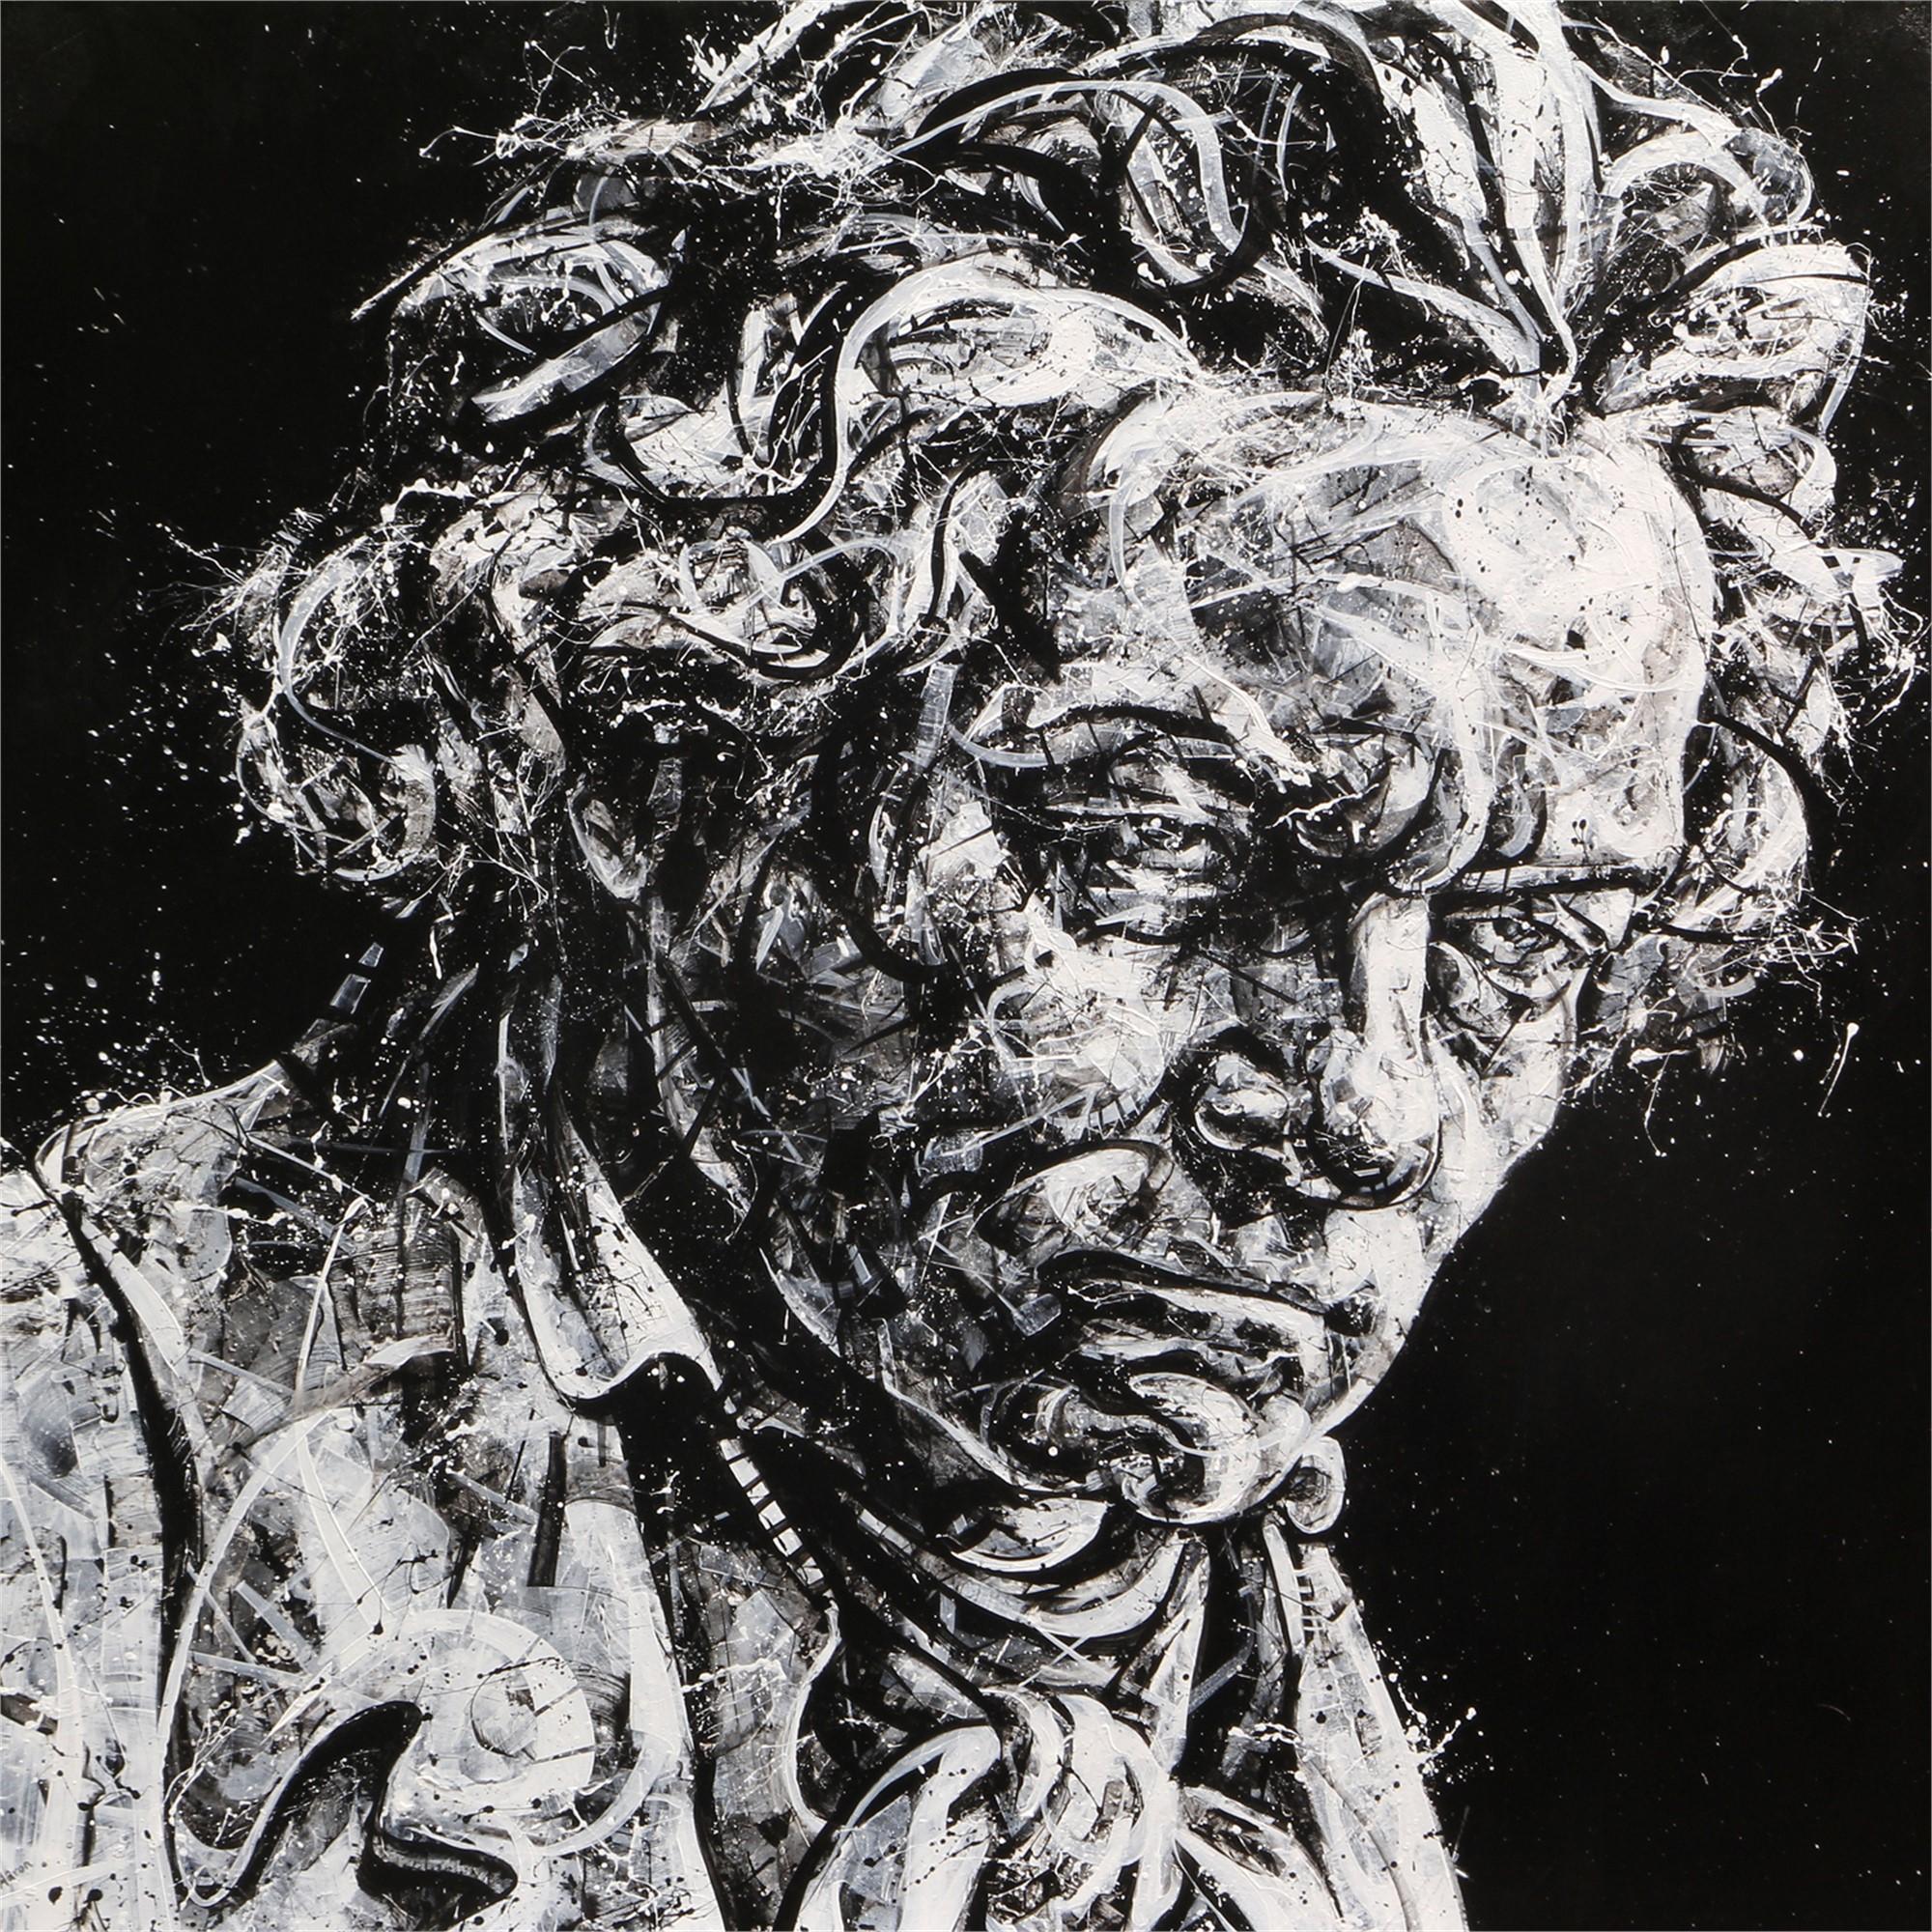 Beethoven by Aaron Reichert